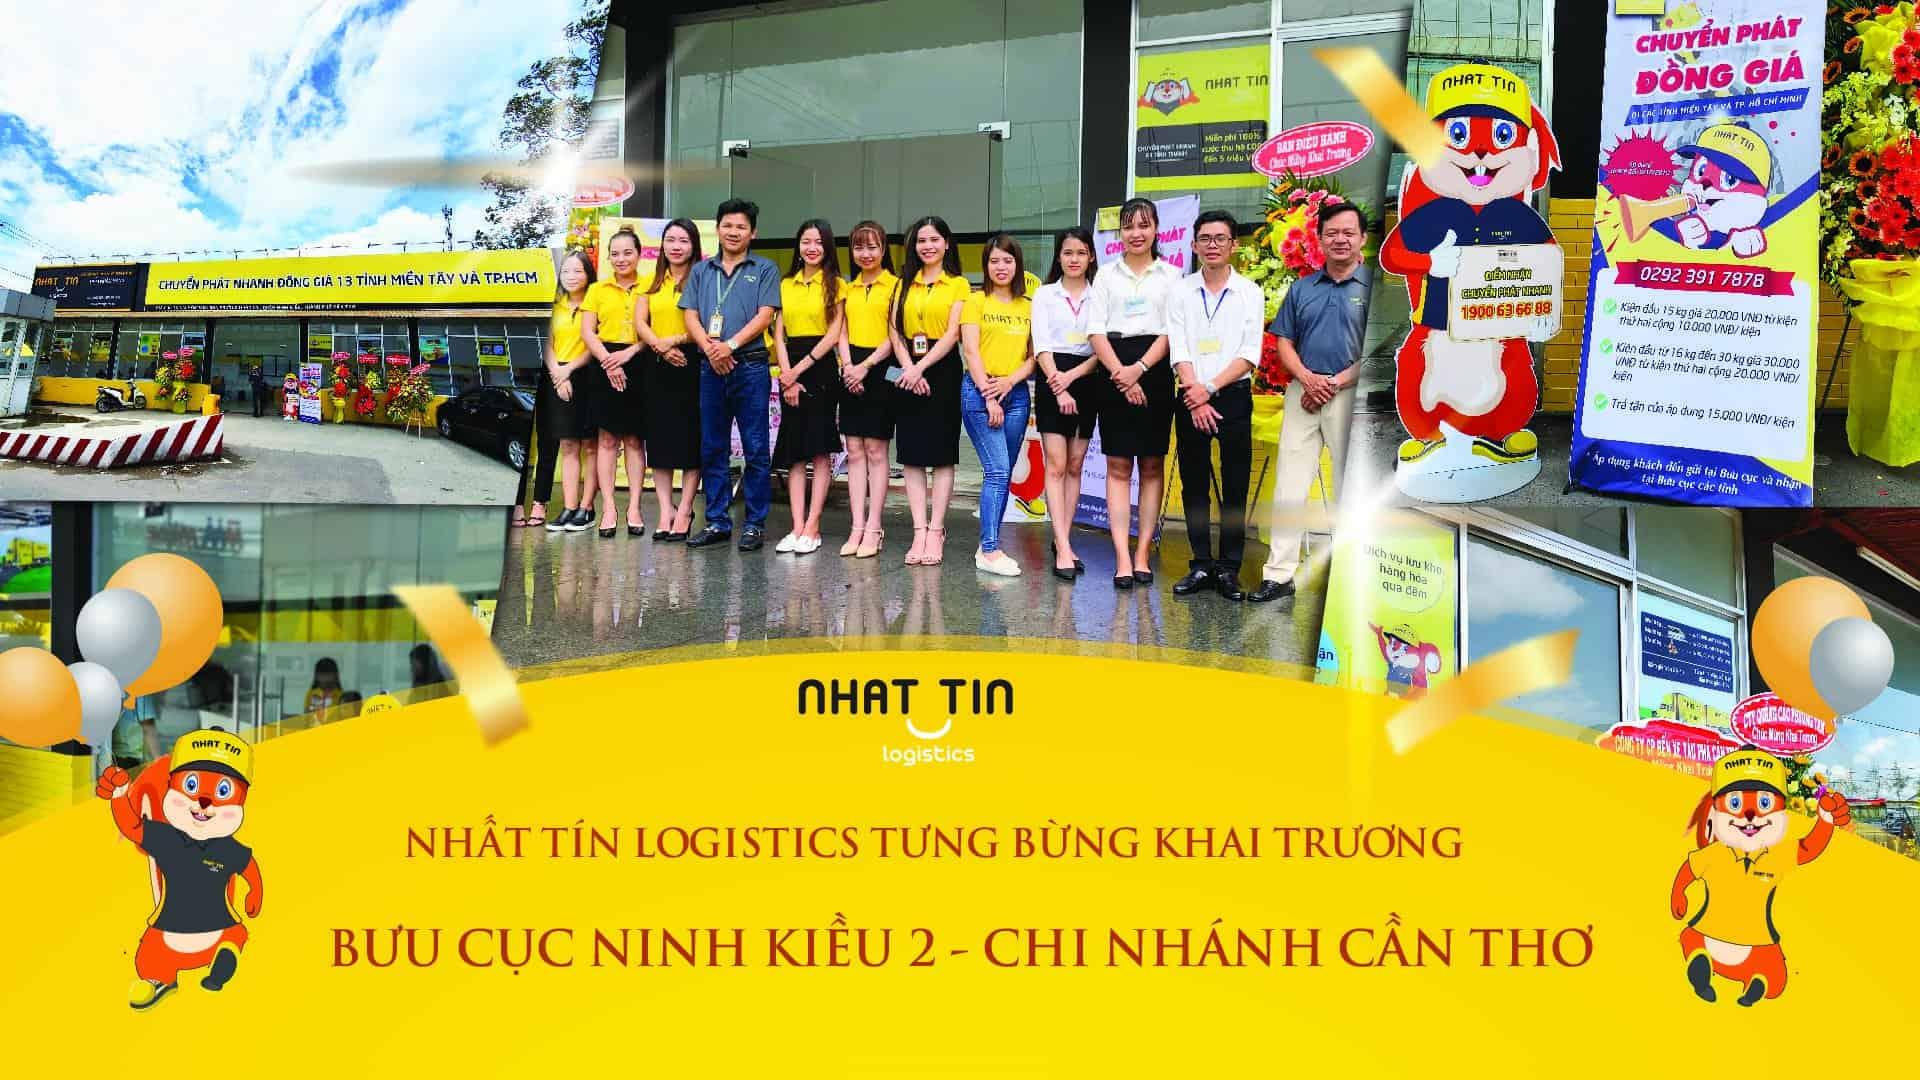 Nhất Tín Logistics Tưng bừng khai trương bưu cục Ninh Kiều 2 – Chi nhánh Cần Thơ